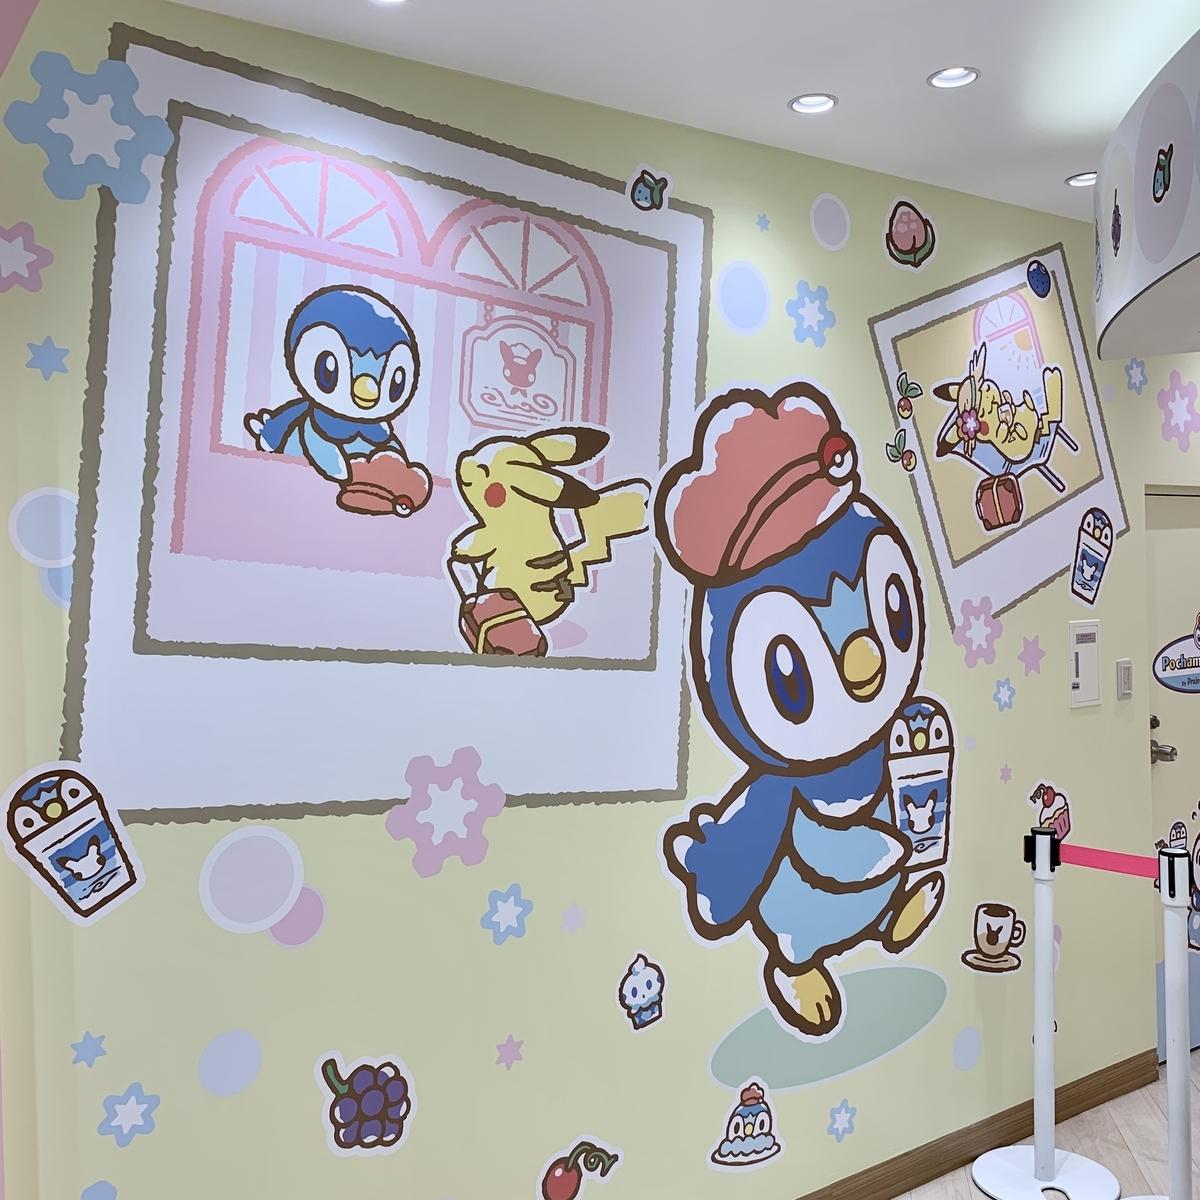 f:id:pikachu_pcn:20210827185638j:plain